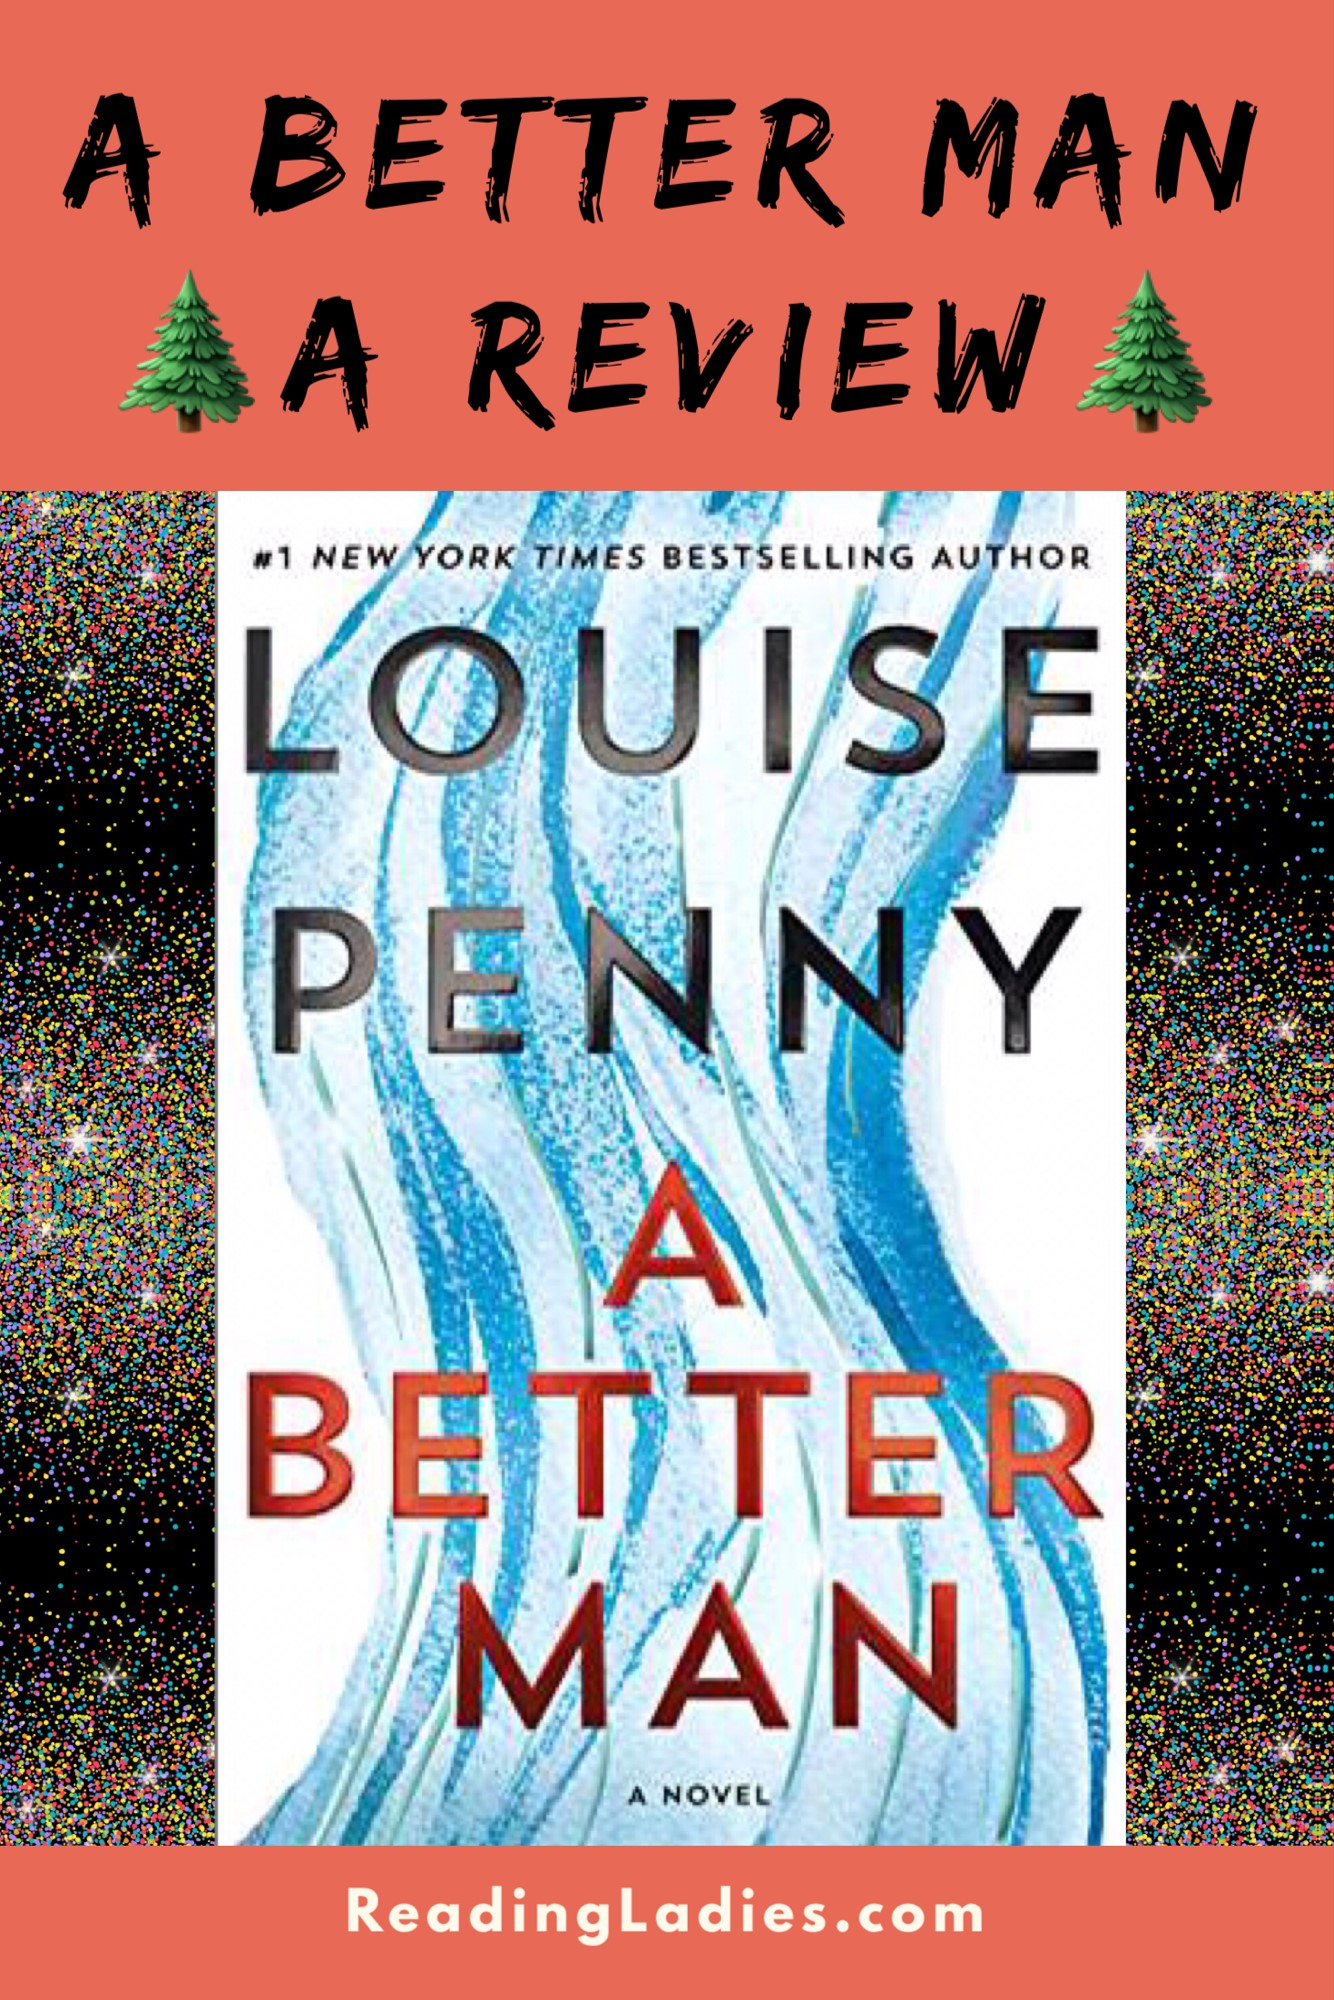 A Better Man Review